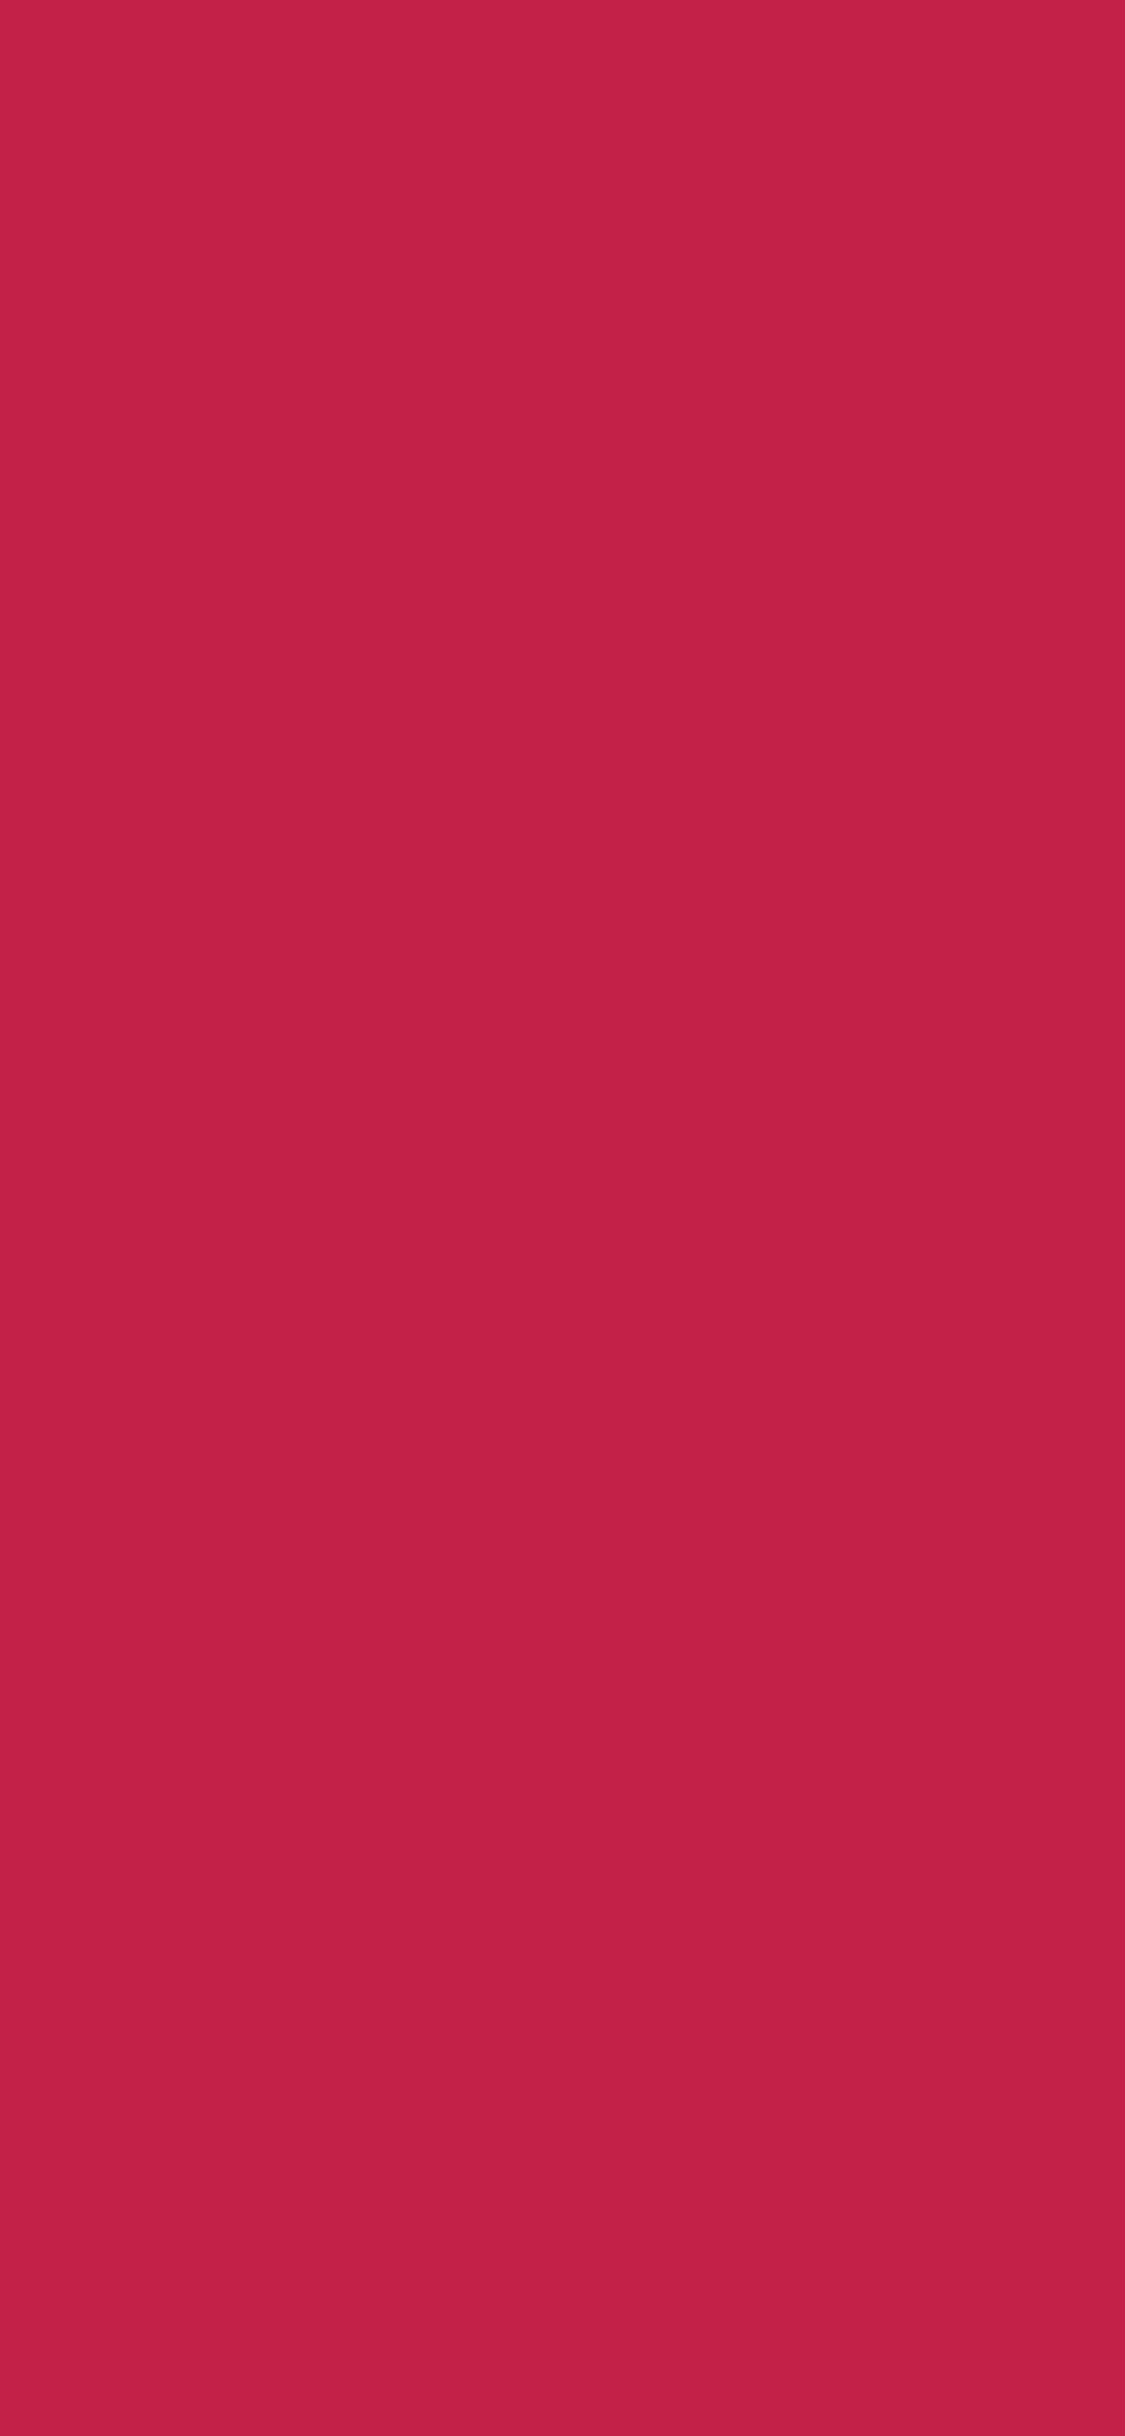 1125x2436 Maroon Crayola Solid Color Background